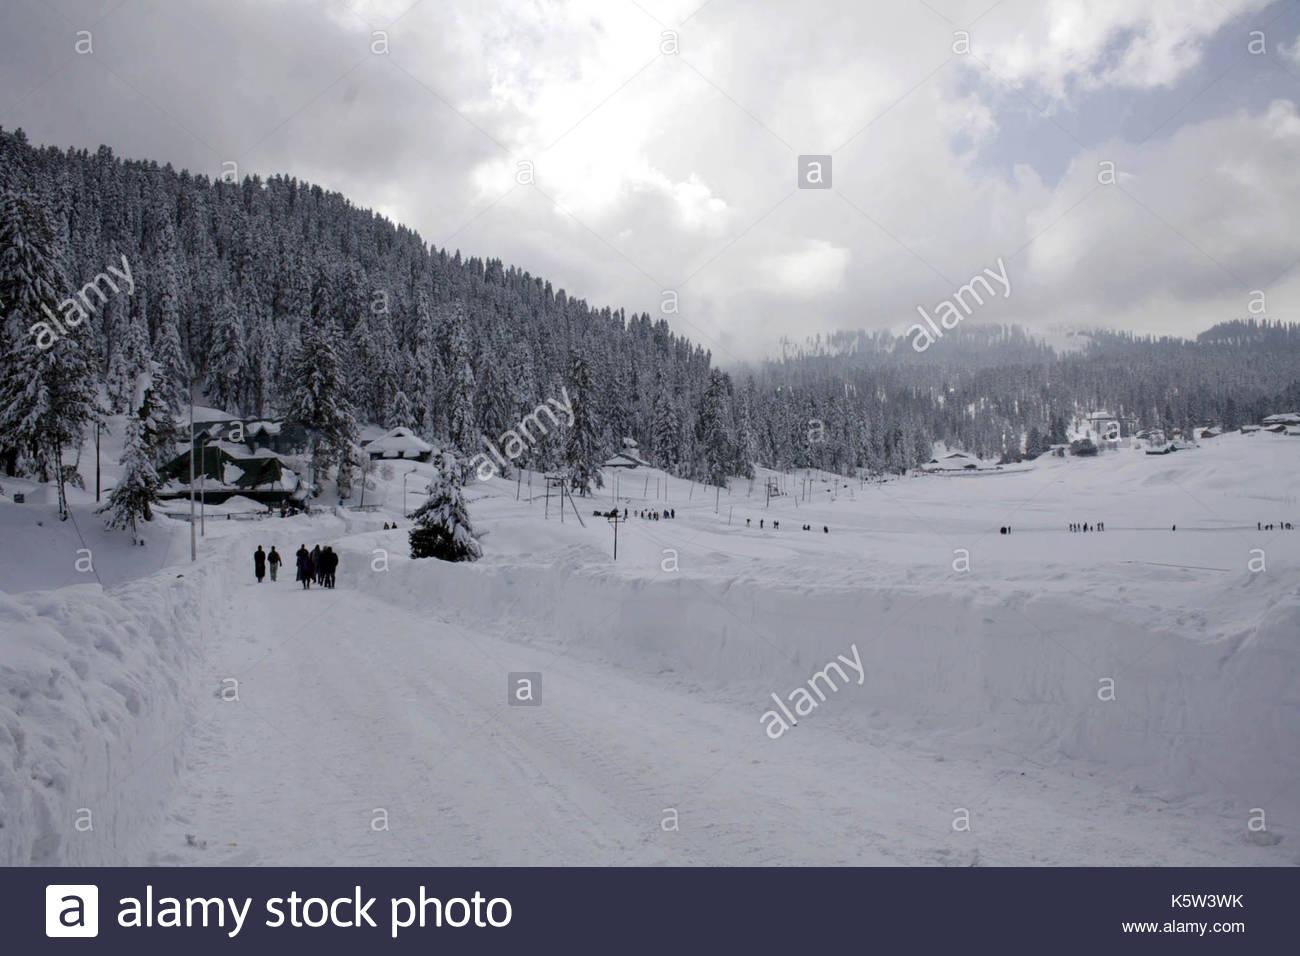 gulmarg ski resort. skiers hit the slopes at a ski resort in gulmarg